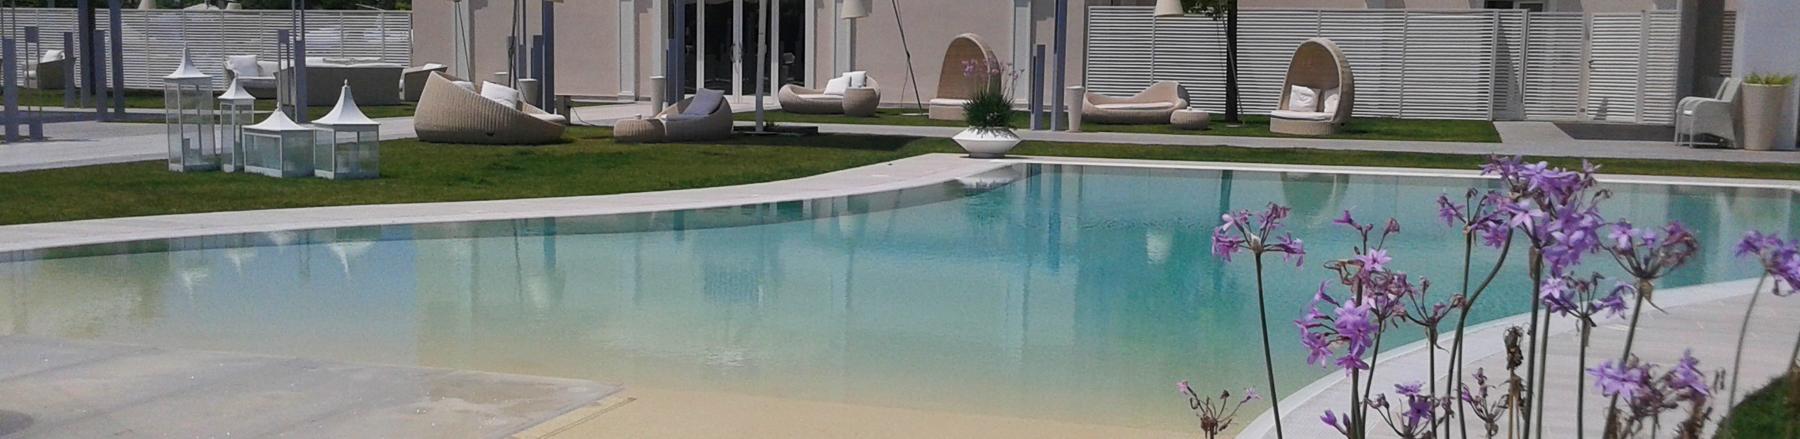 Piscine A Nocera Inferiore piscine milite – realizzazione piscine salerno